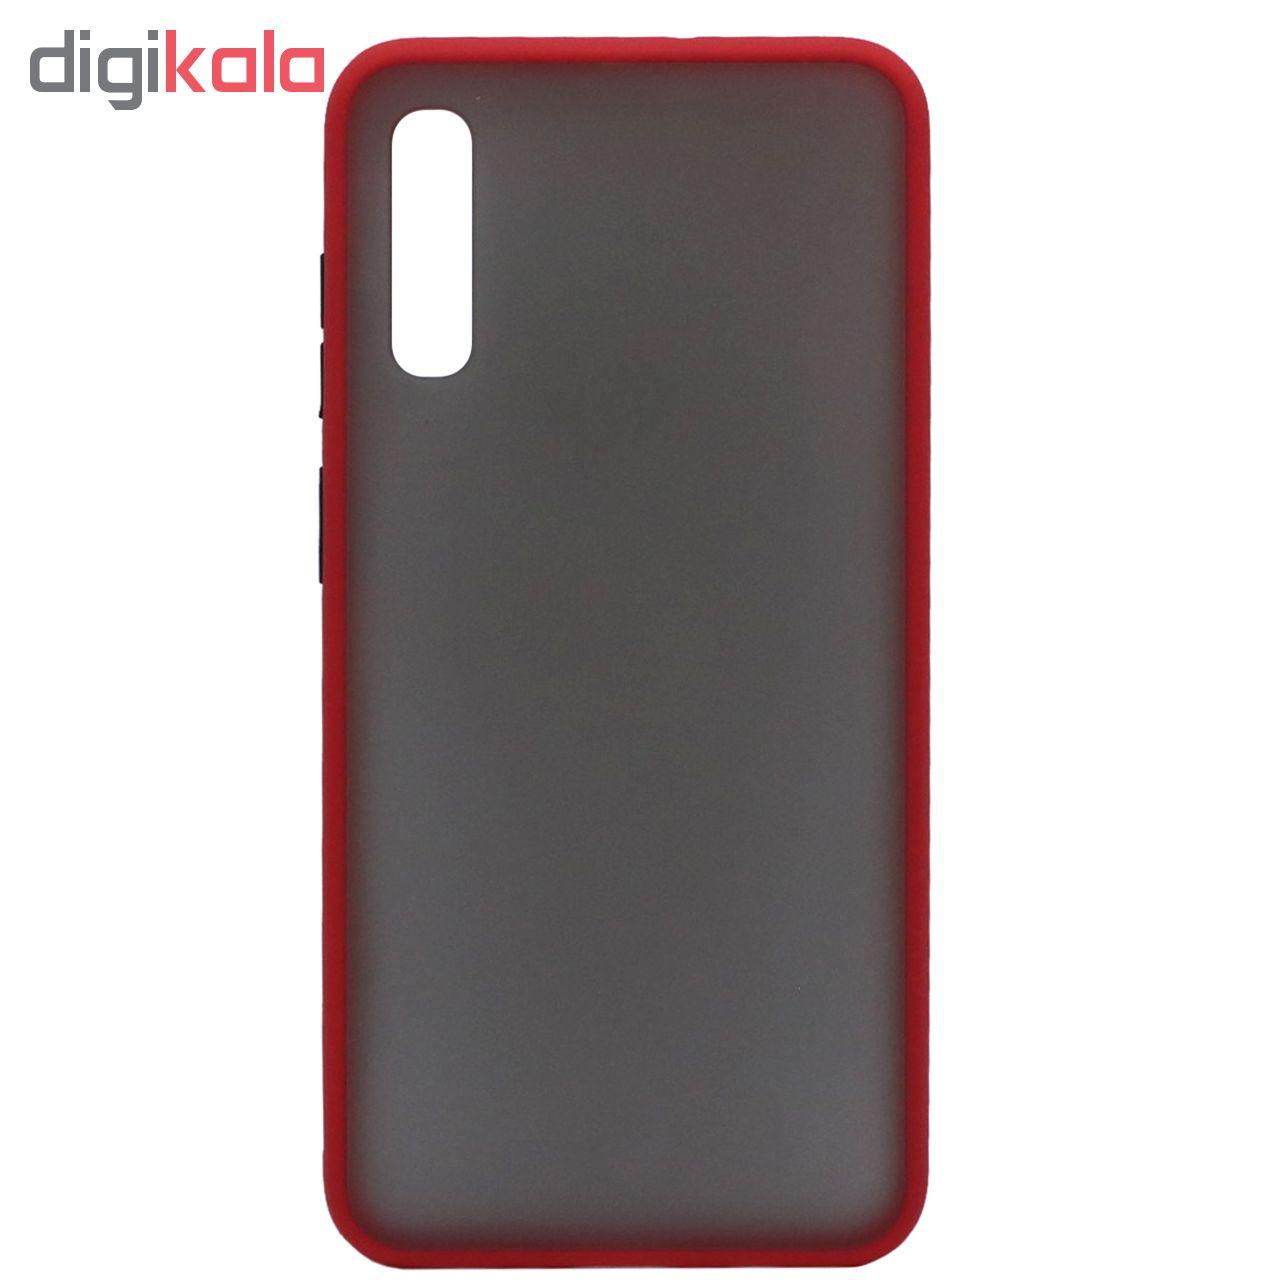 کاور مدل Sb-001 مناسب برای گوشی موبایل سامسونگ Galaxy A70 main 1 1